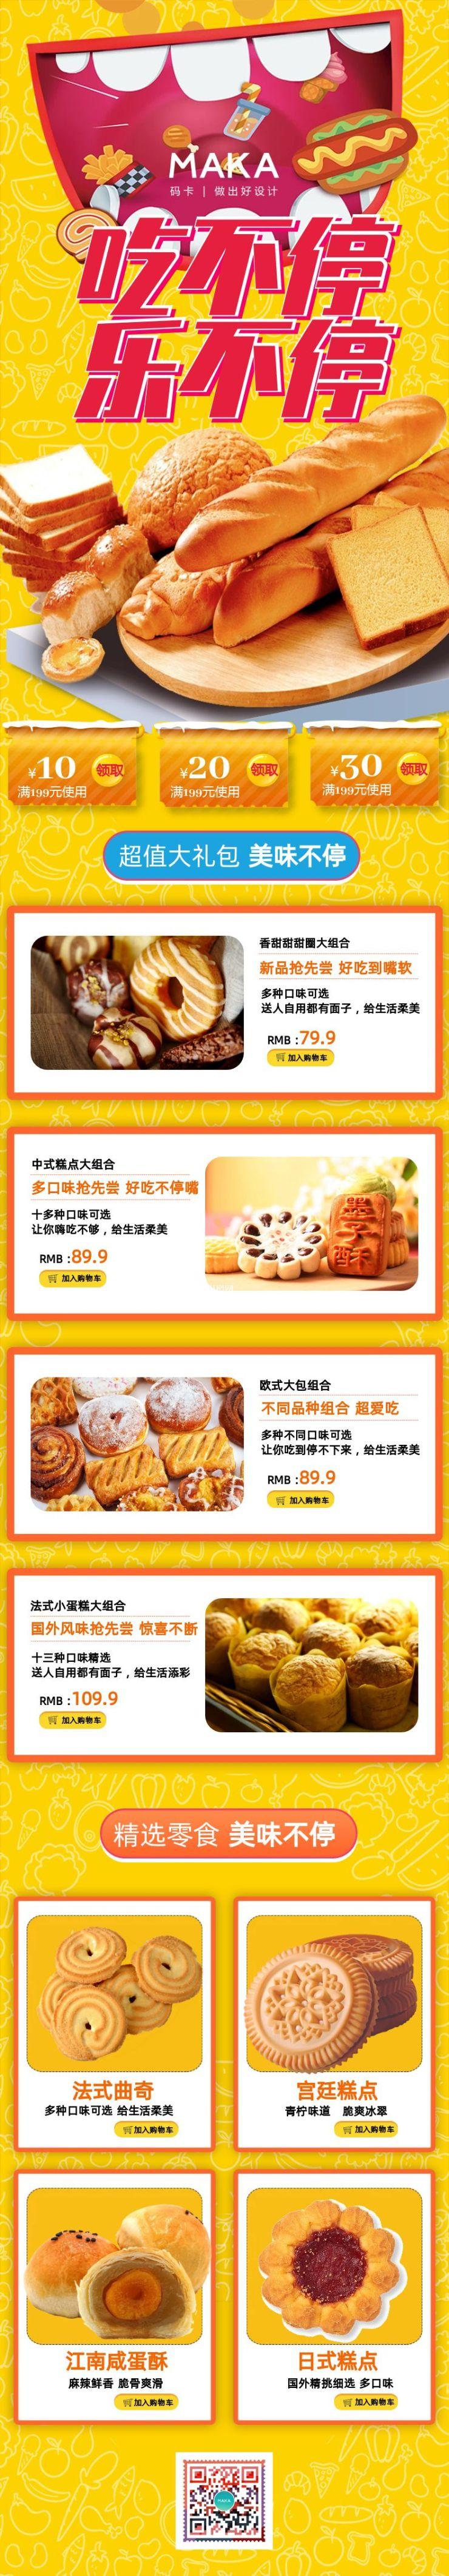 黄色零食小吃零食店产品促销详情页